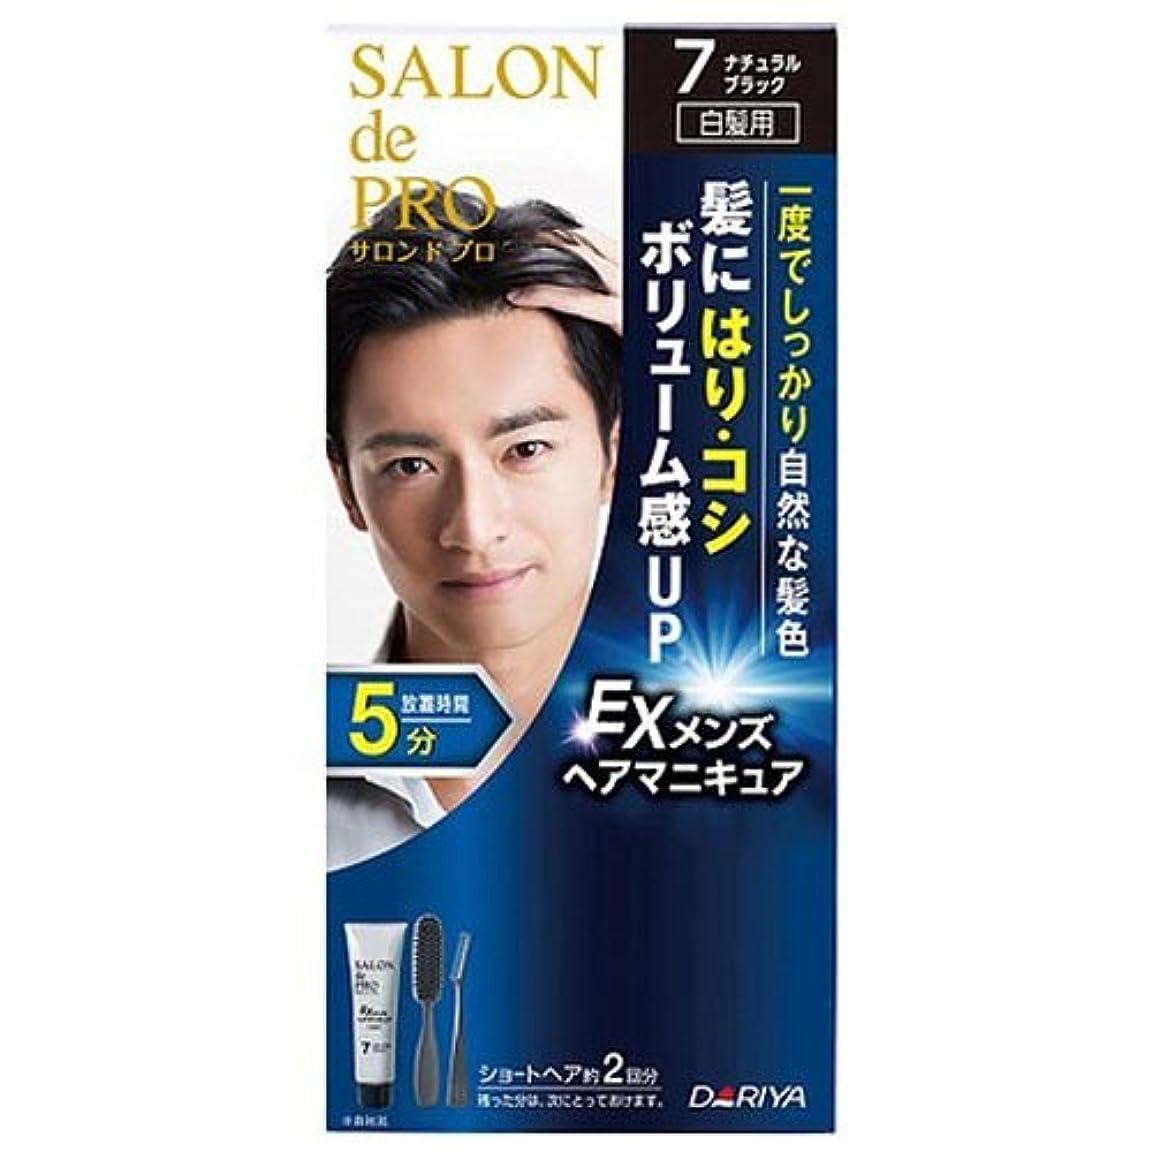 覆す着替える不快サロンドプロ EXメンズヘアマニキュア 白髪用 7 ナチュラルブラック